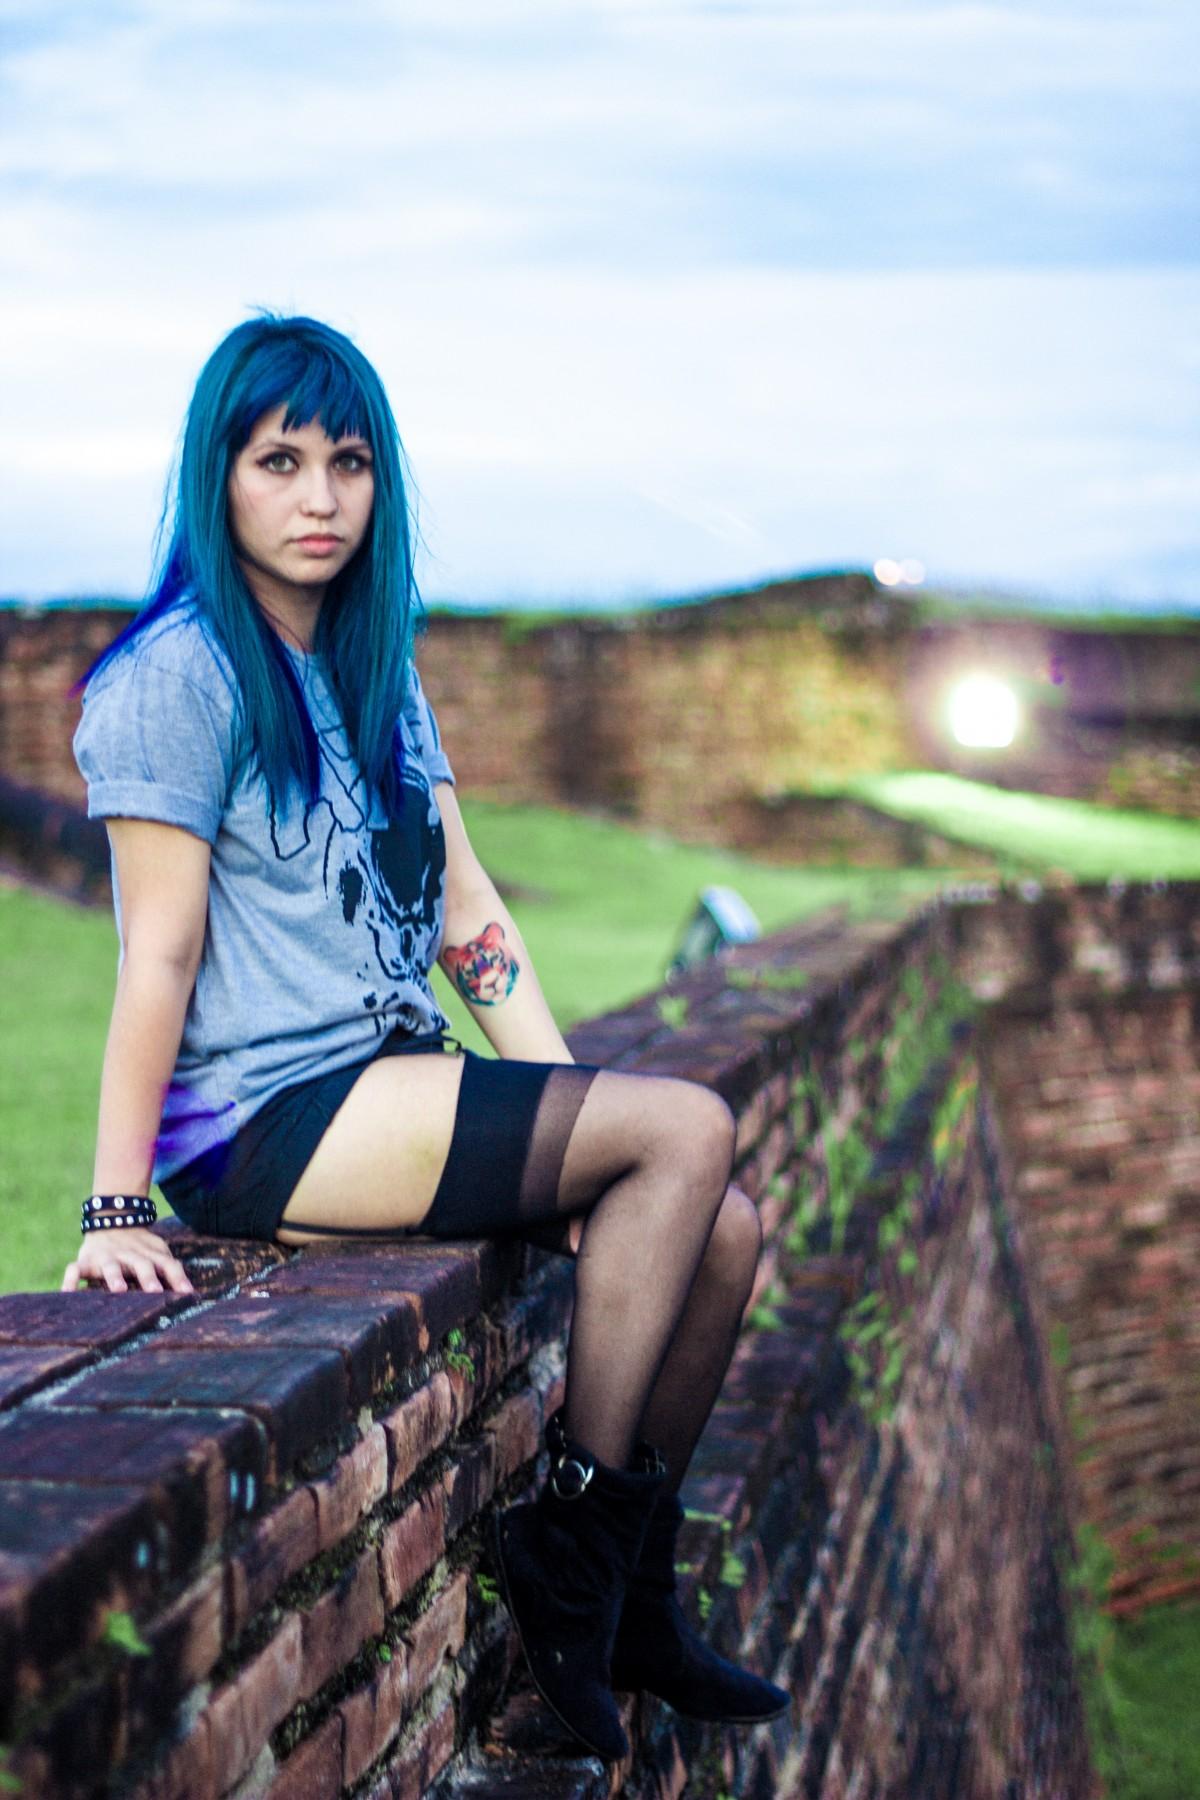 Fotos gratis : niña, mujer, fotografía, pierna, modelo, primavera, sentado, Moda, azul, ropa ...